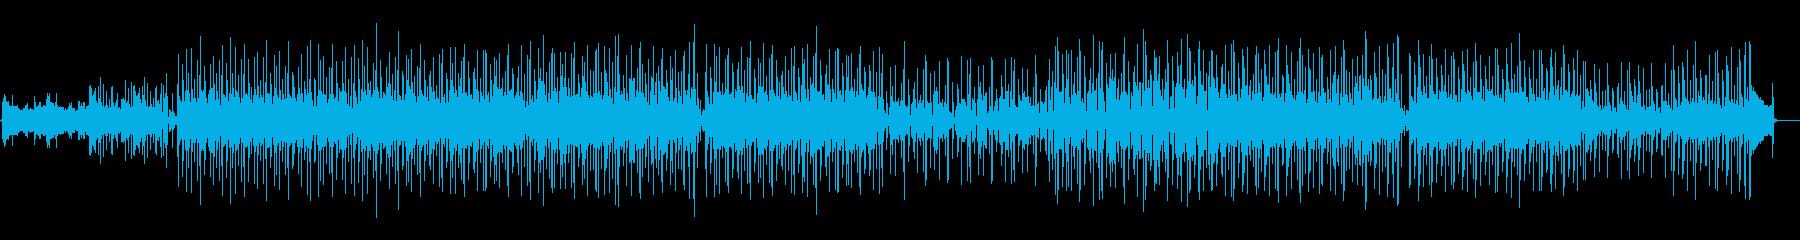 都会的でおしゃれなBGMの再生済みの波形